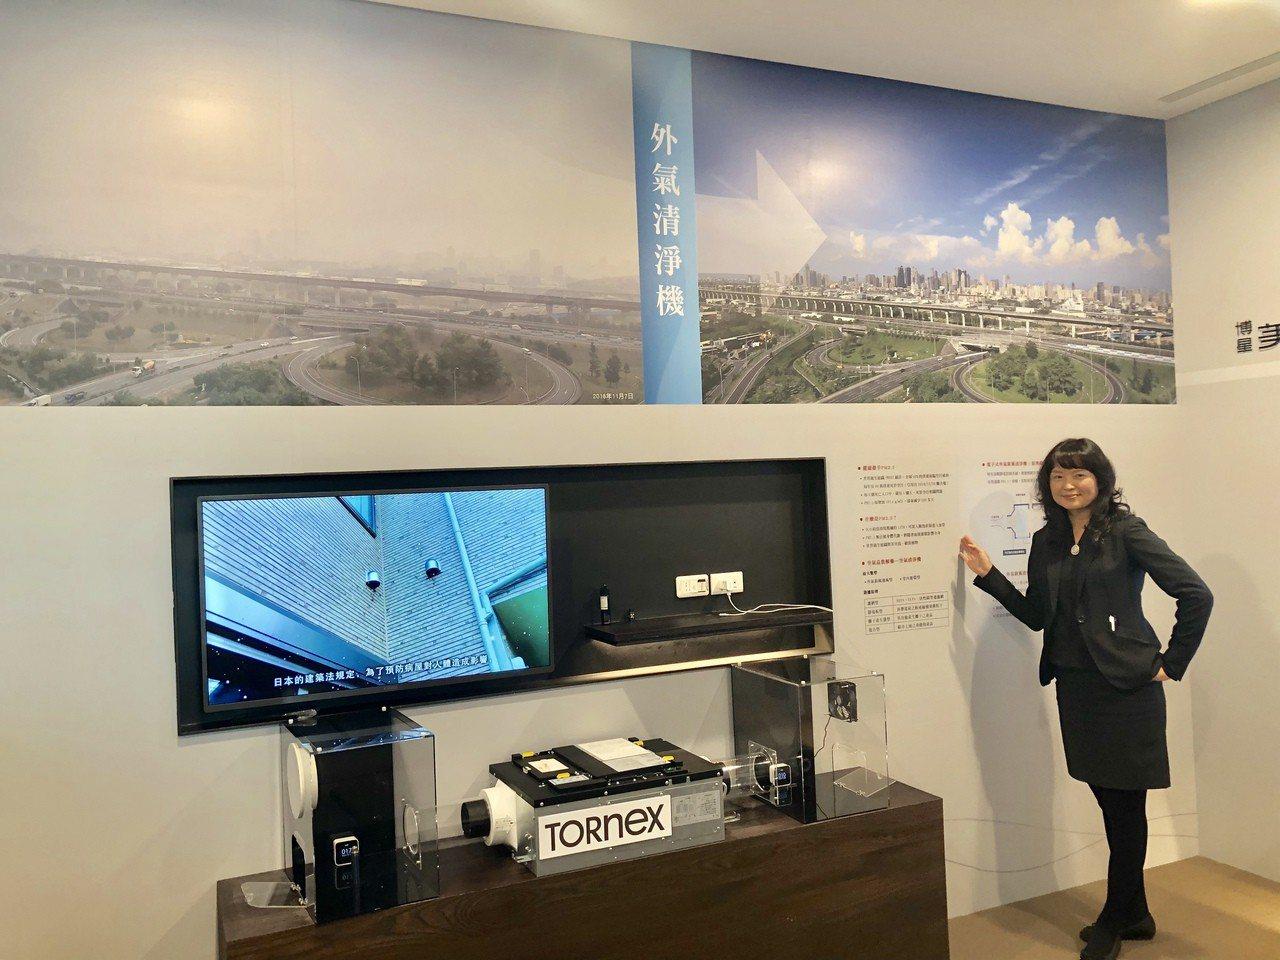 因應日益嚴重的空汙問題,「博星美術W」全戶配備日本進口的全時空氣外氣清淨機,標榜...